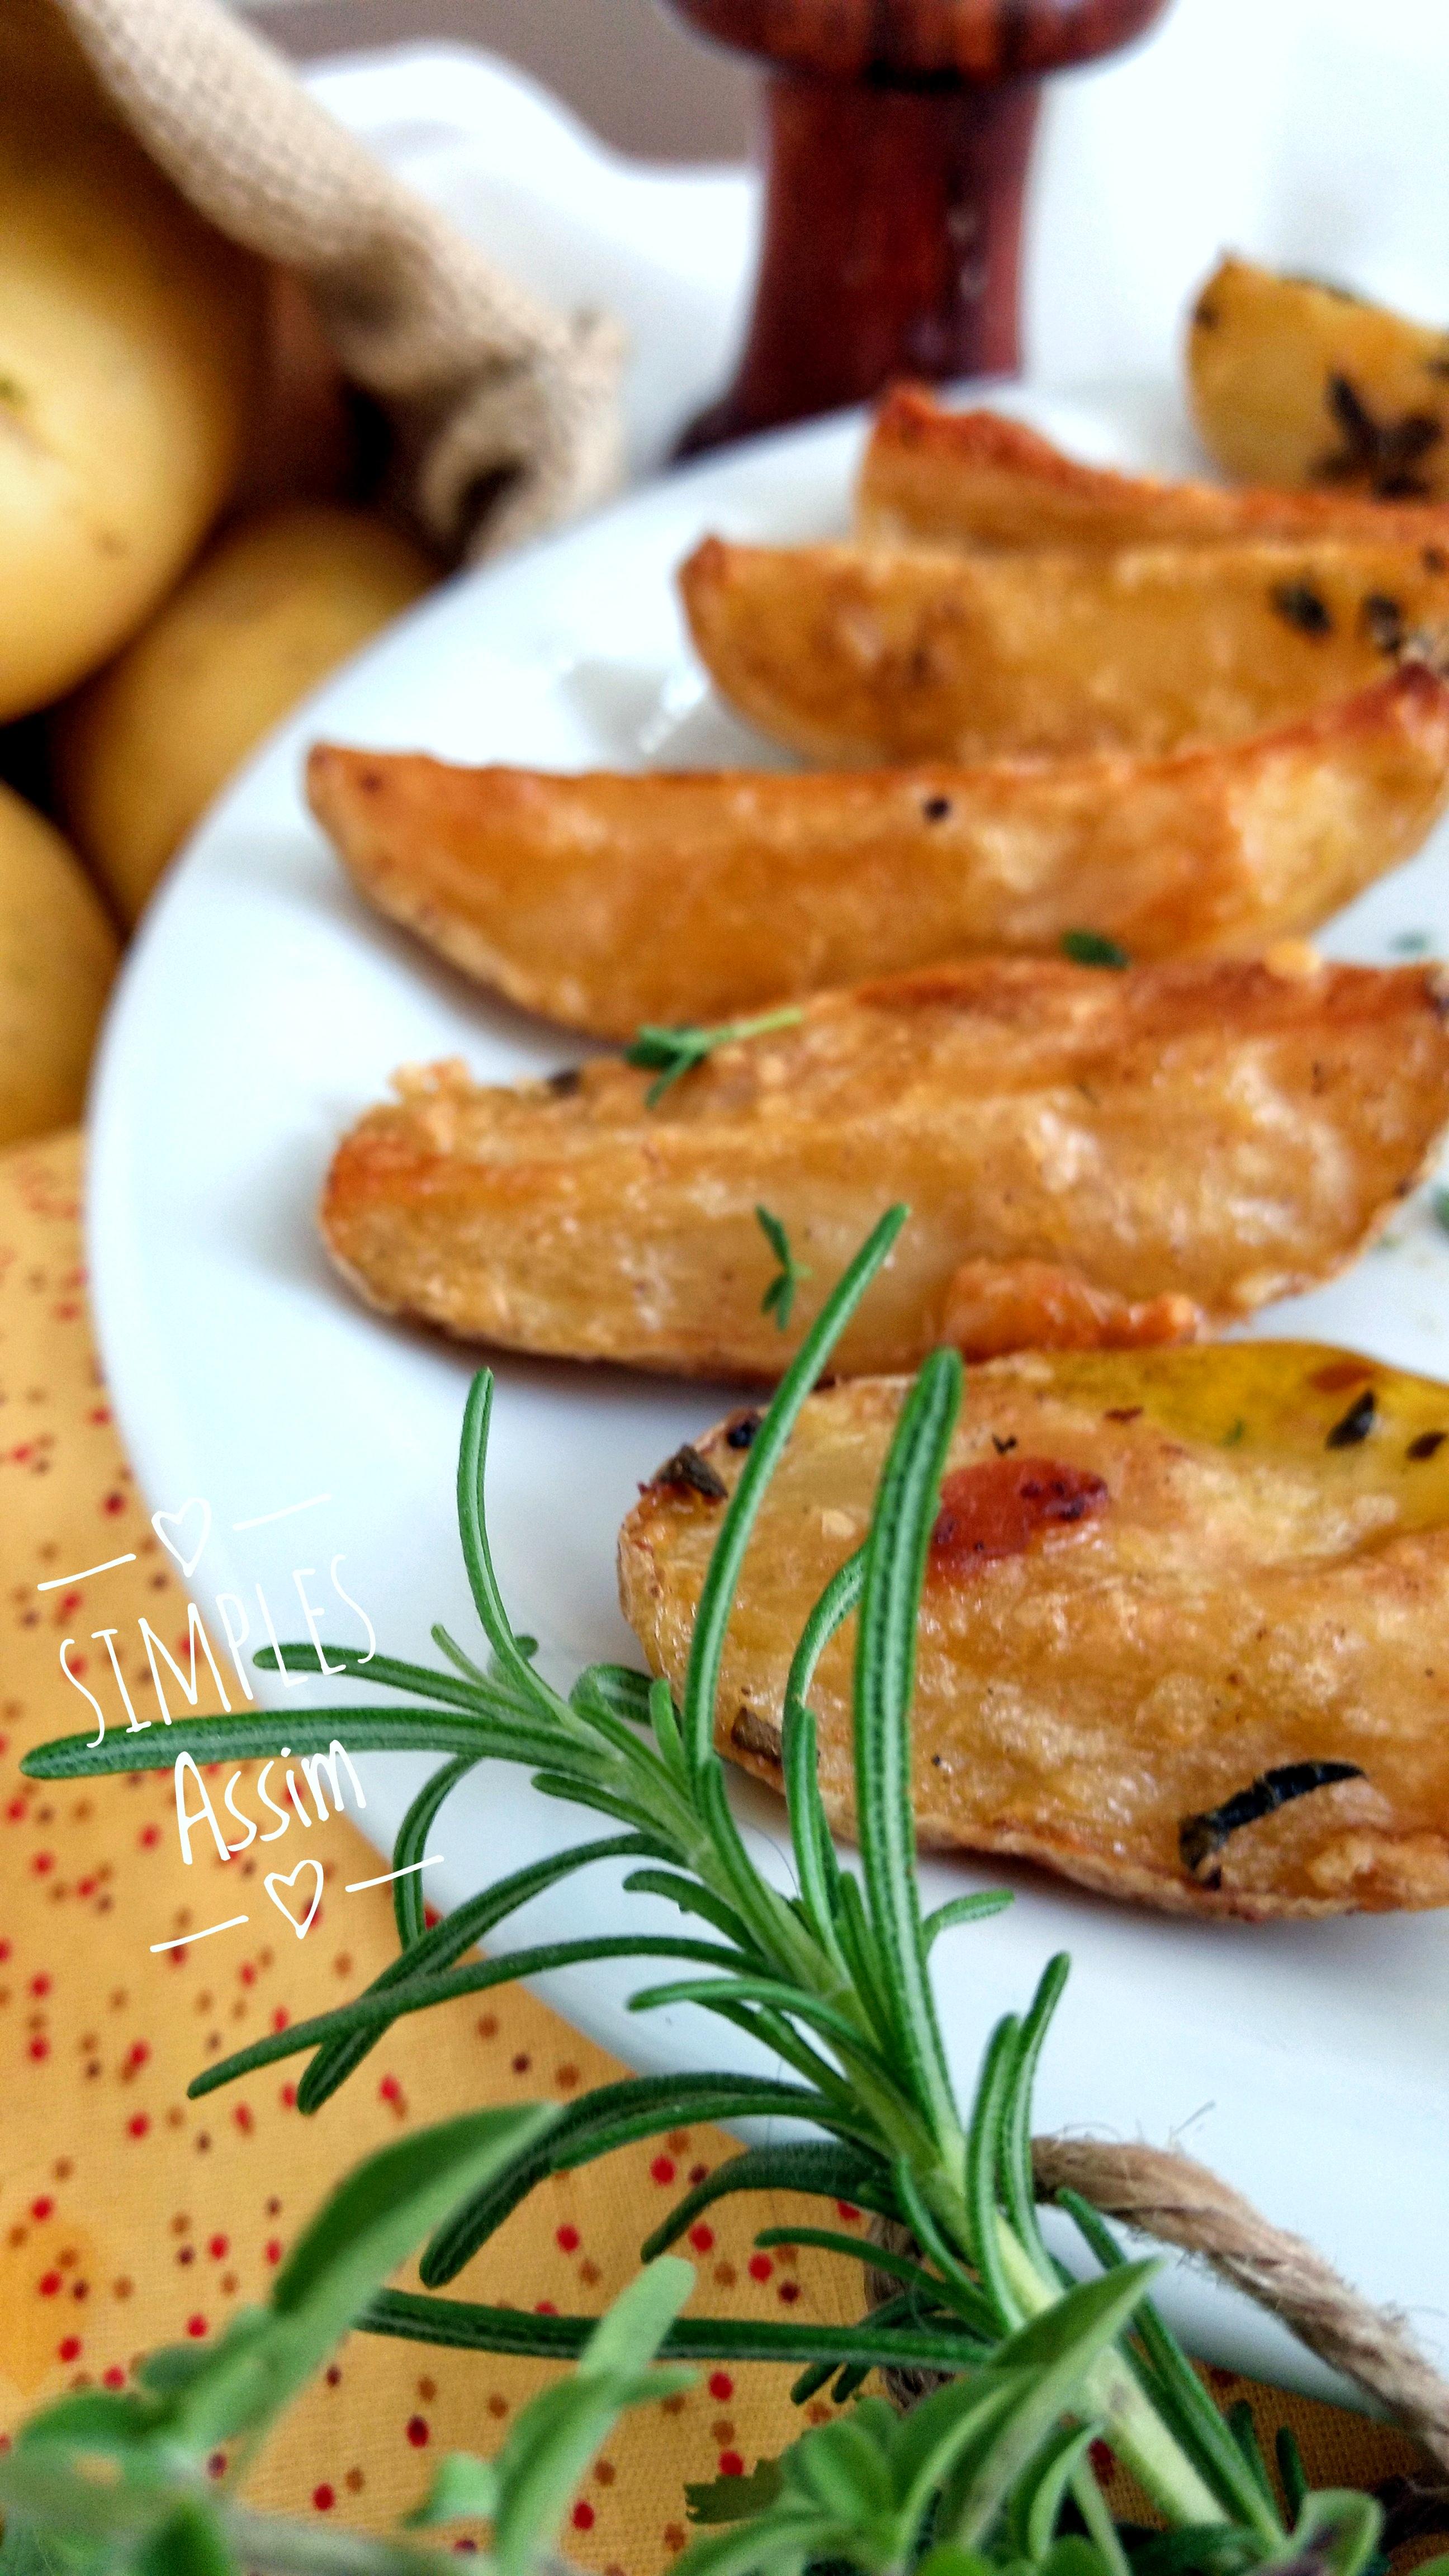 batatas assadas com alho , ervas e parmesão são fáceis de preparar, com poucos ingredientes - ervas, sal alho e pimenta - elas são feitas no forno e ficam crocantes e muito saborosas.